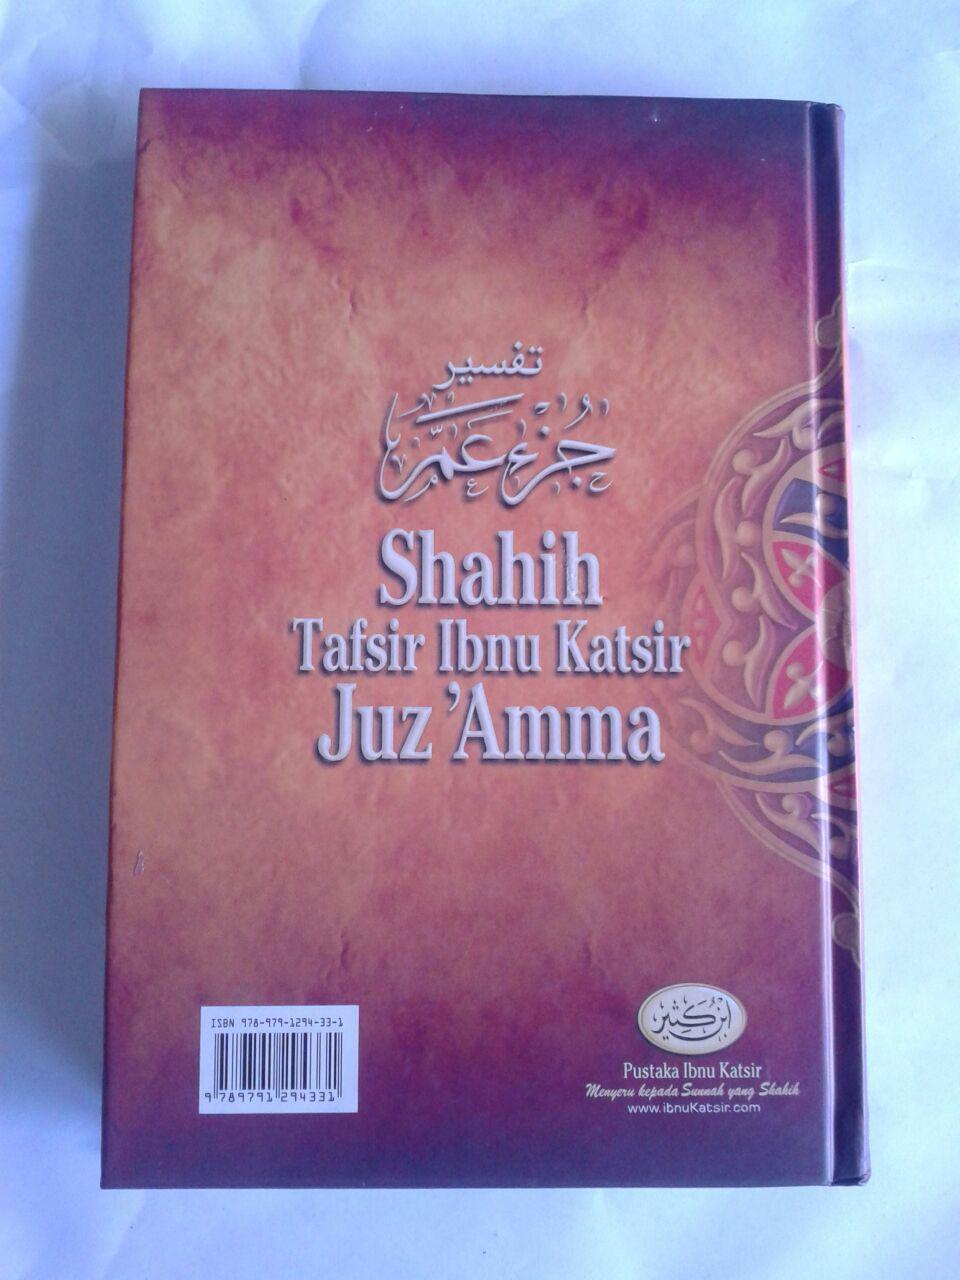 Buku Shahih Tafsir Ibnu Katsir Juz 'Amma cover 2